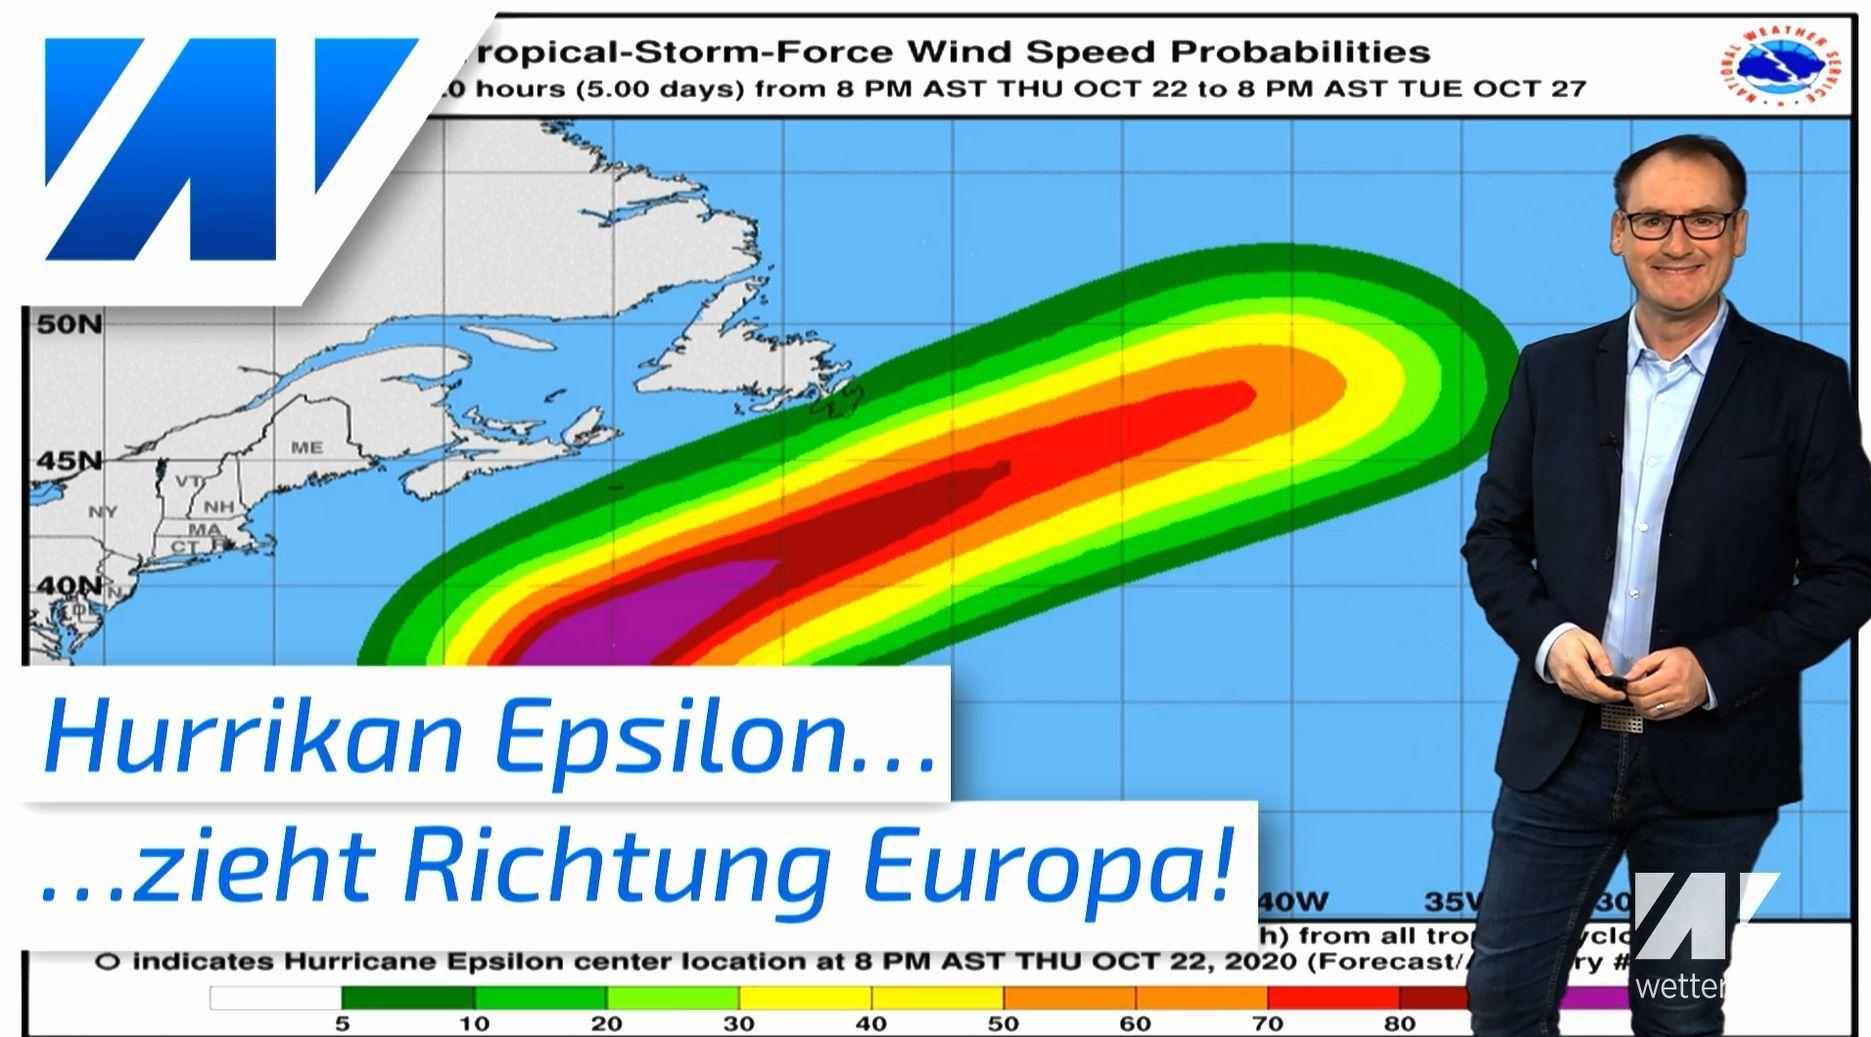 Hurrikan Epsilon rast auf Europa zu! Was bedeutet das für unser Wetter?